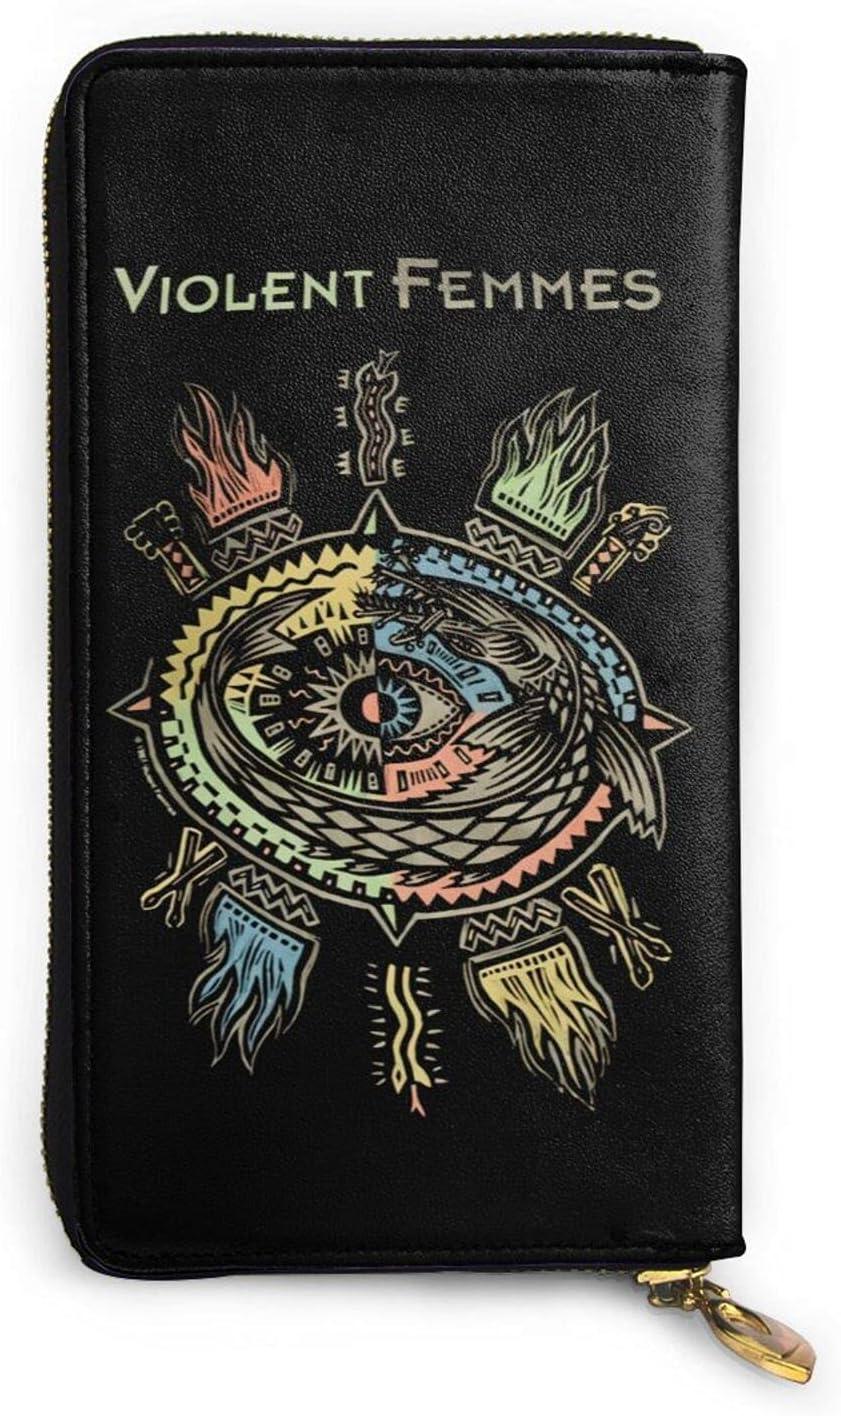 Violent Femmes Leather Wallet Max 83% OFF Credit Card Bag For Phone M El Paso Mall Holder